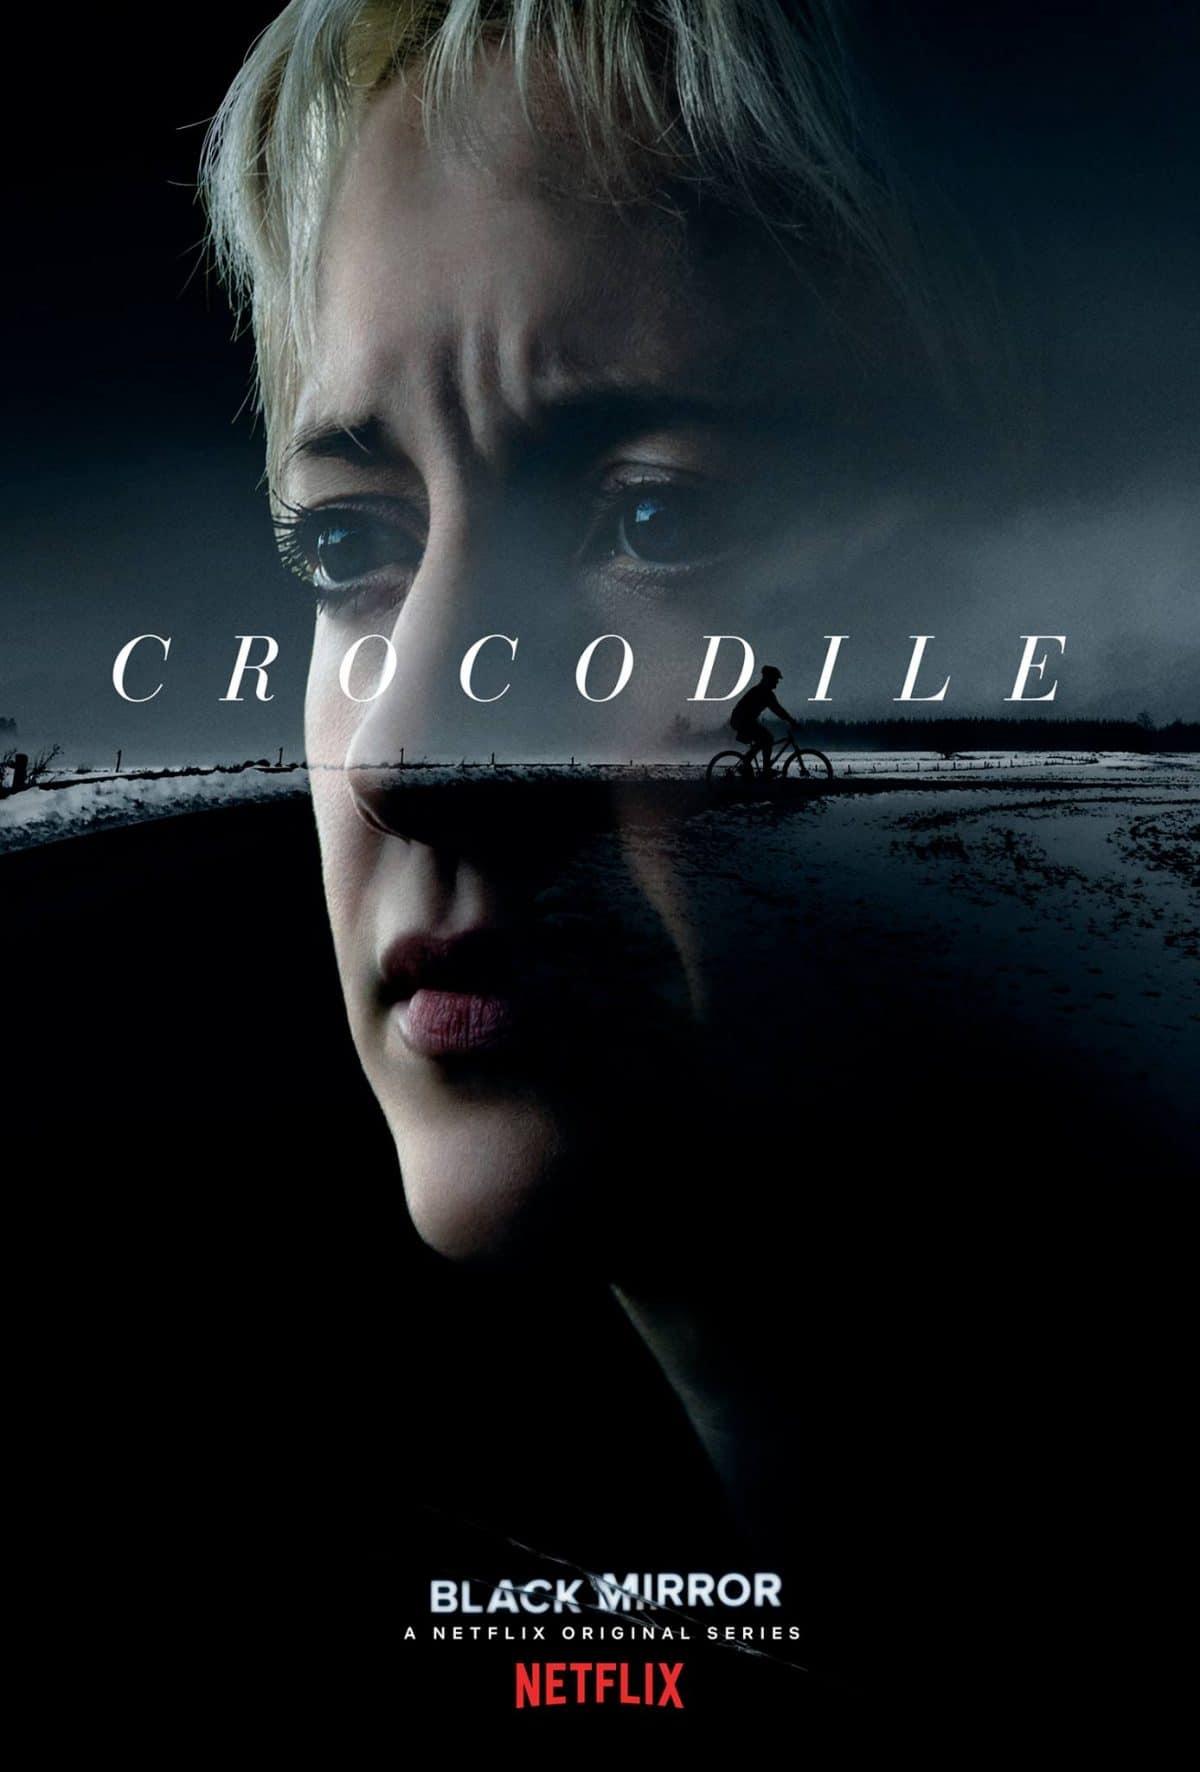 black mirror crocodile poster